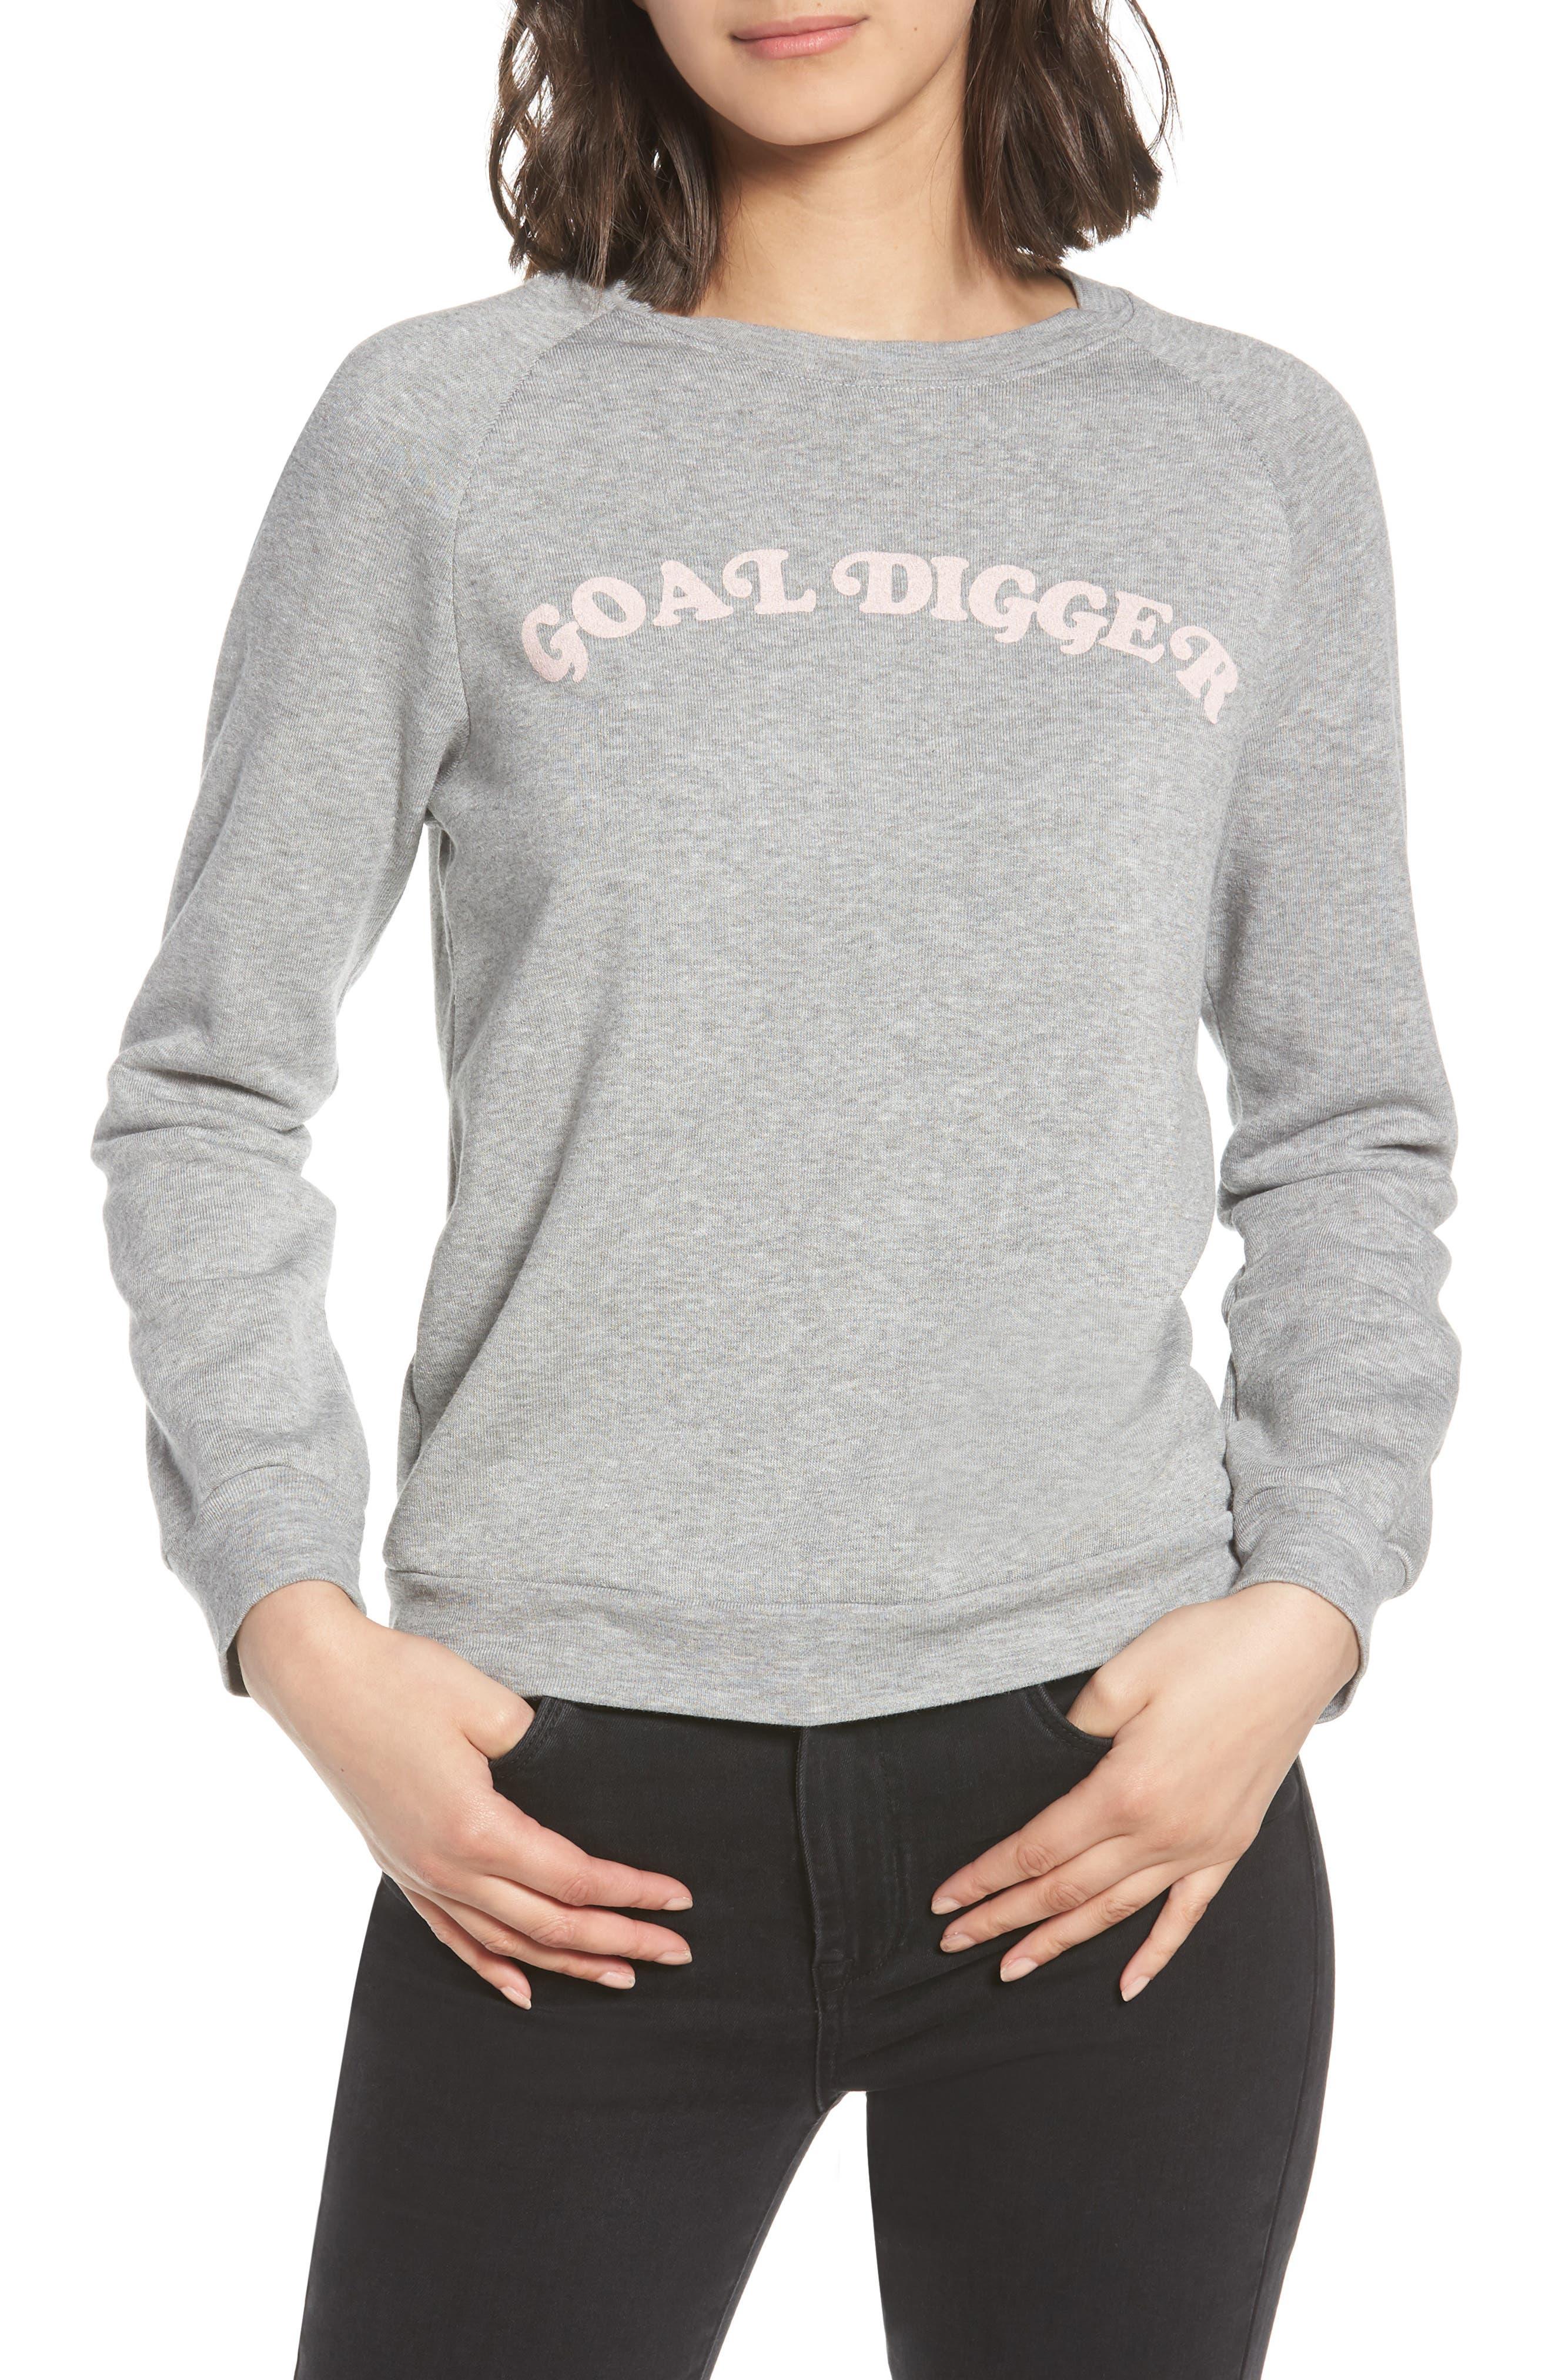 Goal Digger Sweatshirt,                         Main,                         color, 020